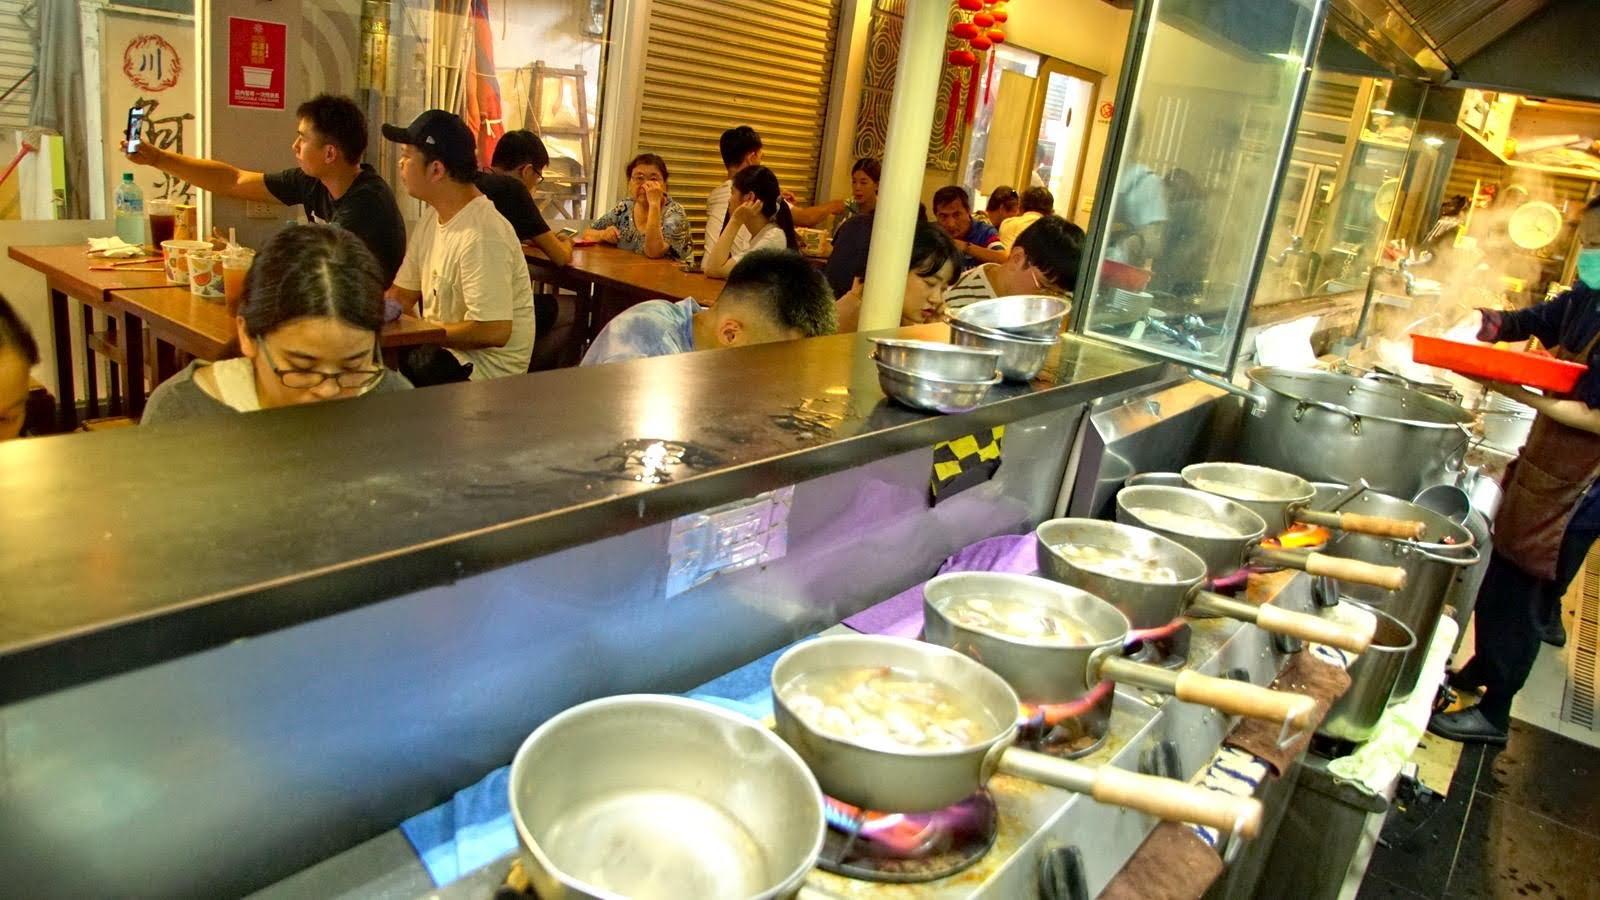 台南冠津海鮮粥將被強制驅離!點出市場問題者優先被處分?